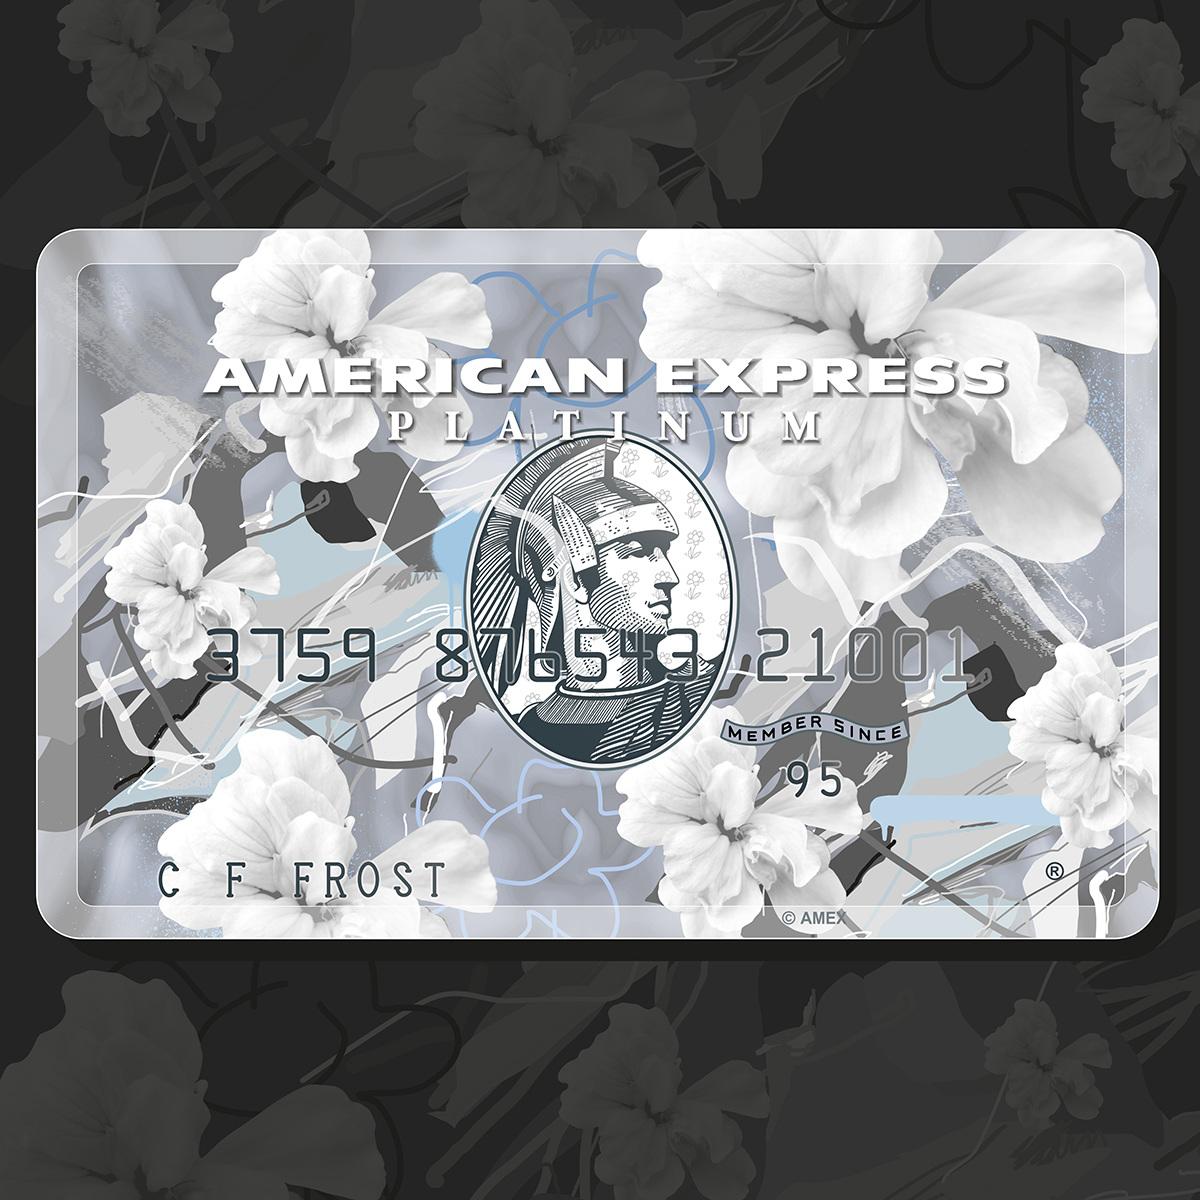 AMEX: Platinum card